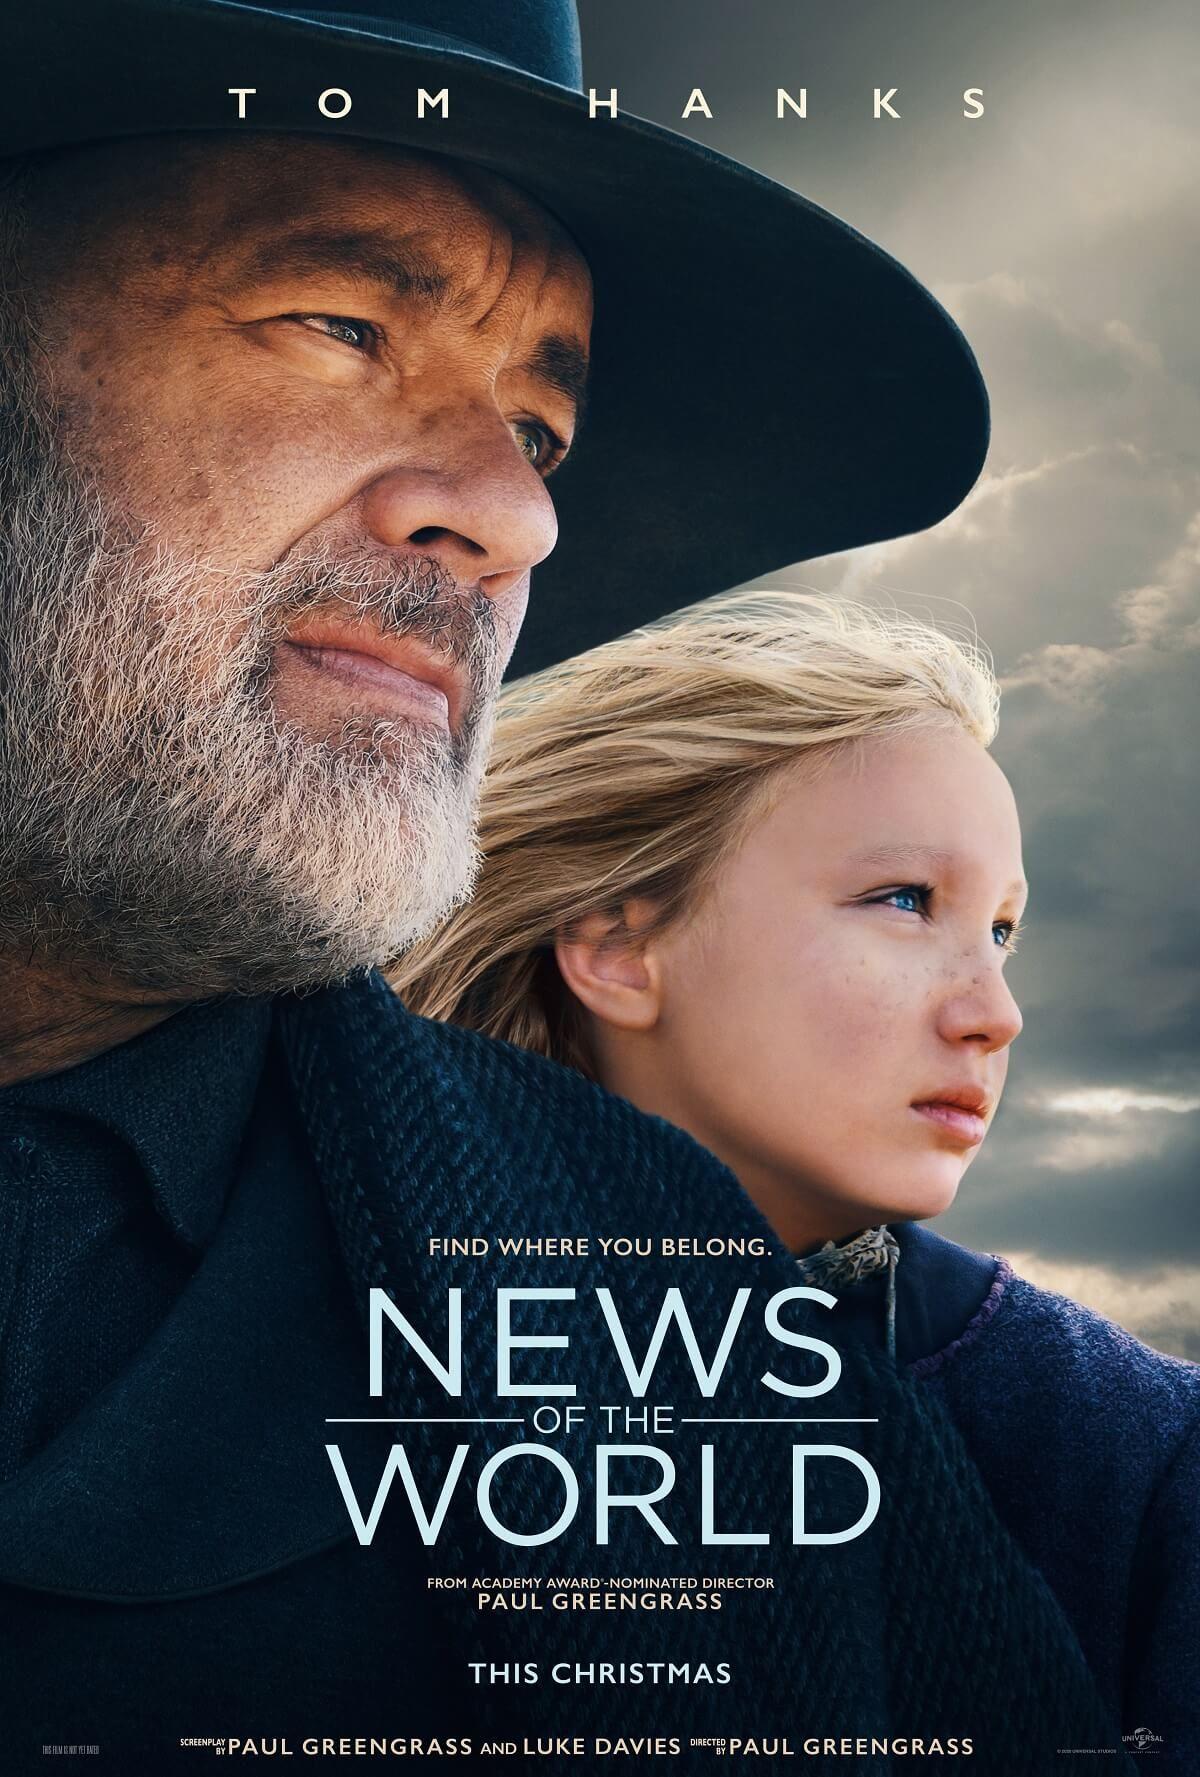 News Of The World New Trailer Starring Oscar Winner Tom Hanks In 2020 Tom Hanks Tom Hanks Movies New Trailers